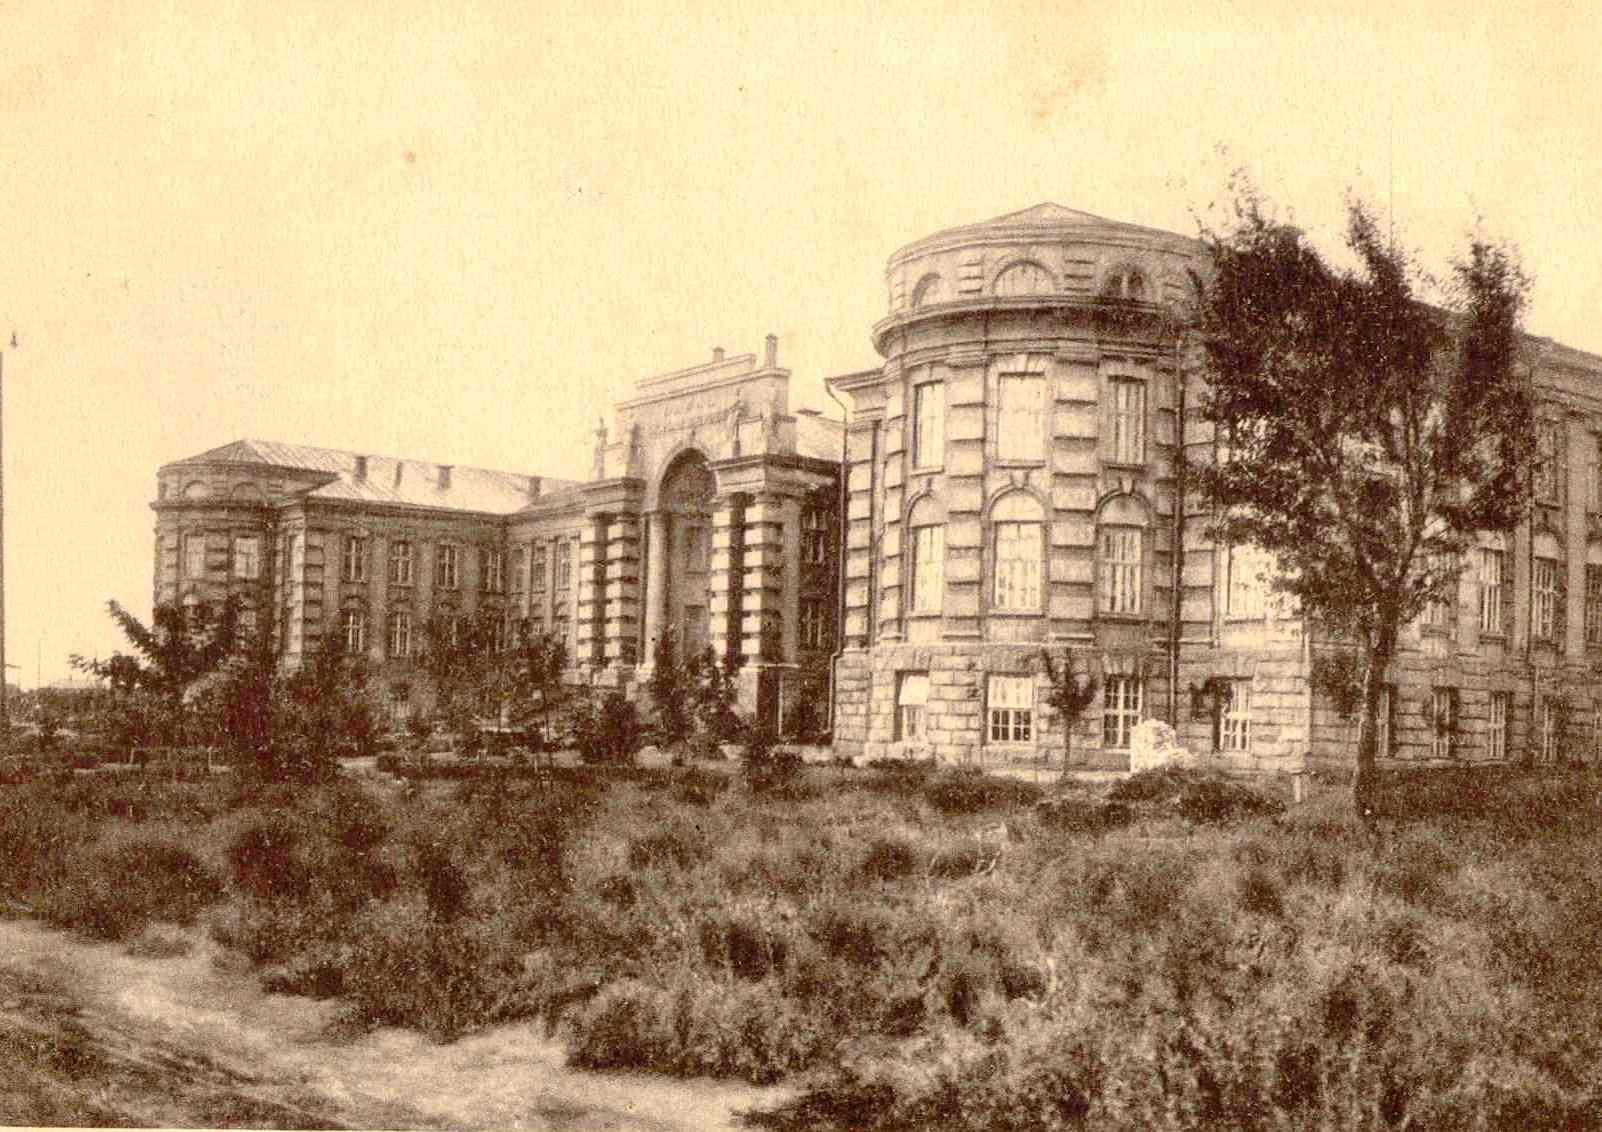 Дворец охраны здоровья. Общий вид. Открытка 1931 г. Дворец профилактики: малоизвестный шедевр Красносельского